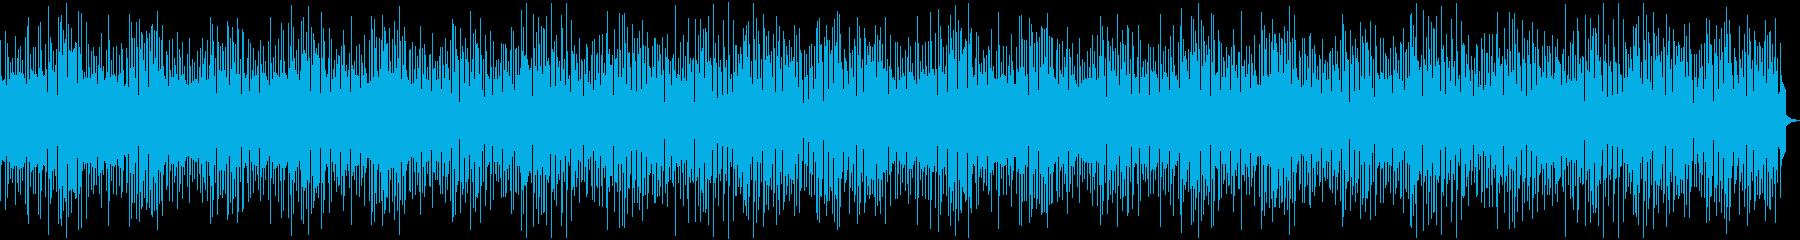 コミカルで楽しい雰囲気の日常系BGMの再生済みの波形